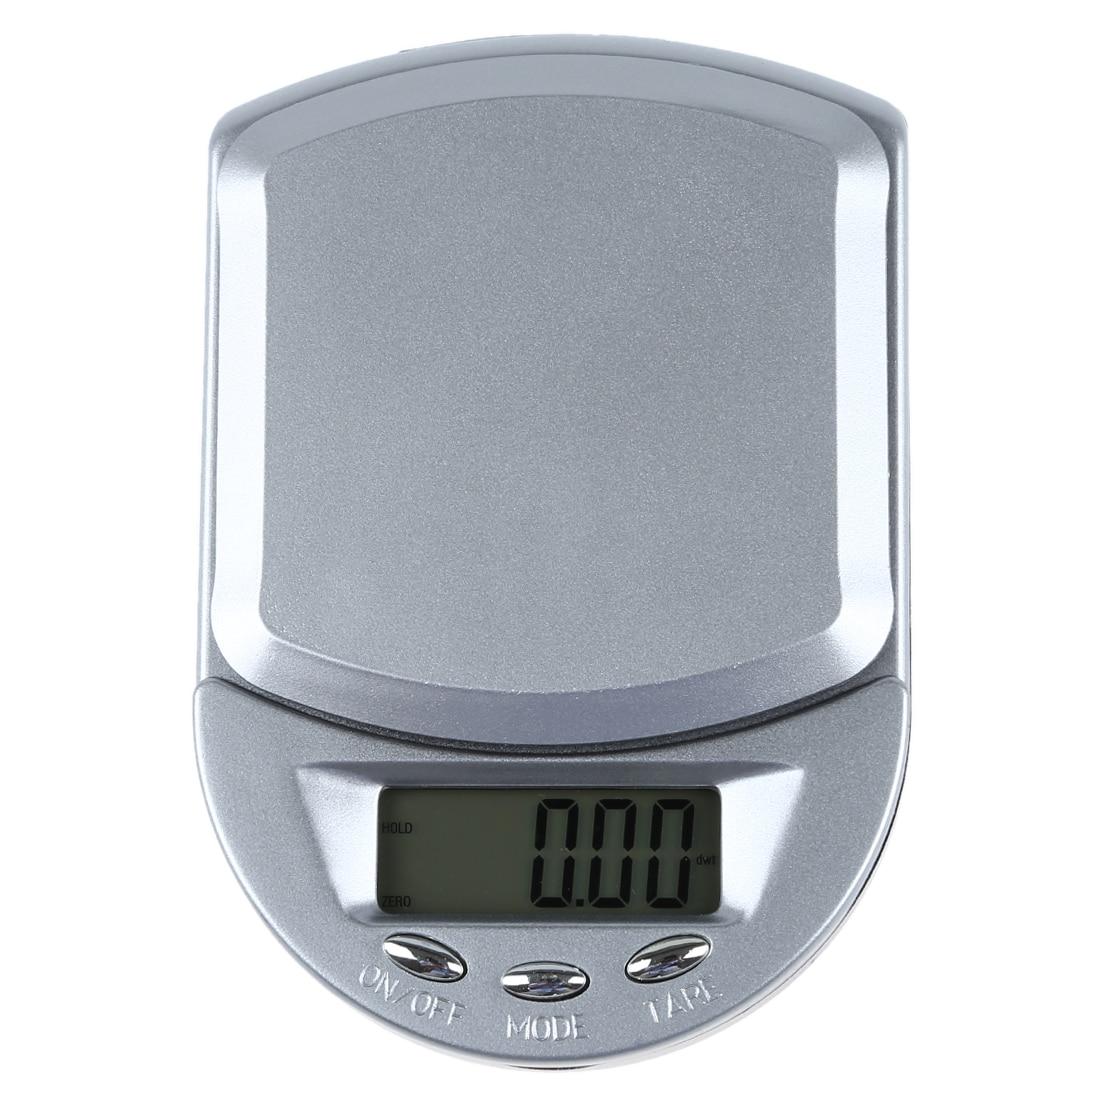 500g01g mini bilancia digitale gioielli ponderazione bilancia da cucina elettronica e display lcd